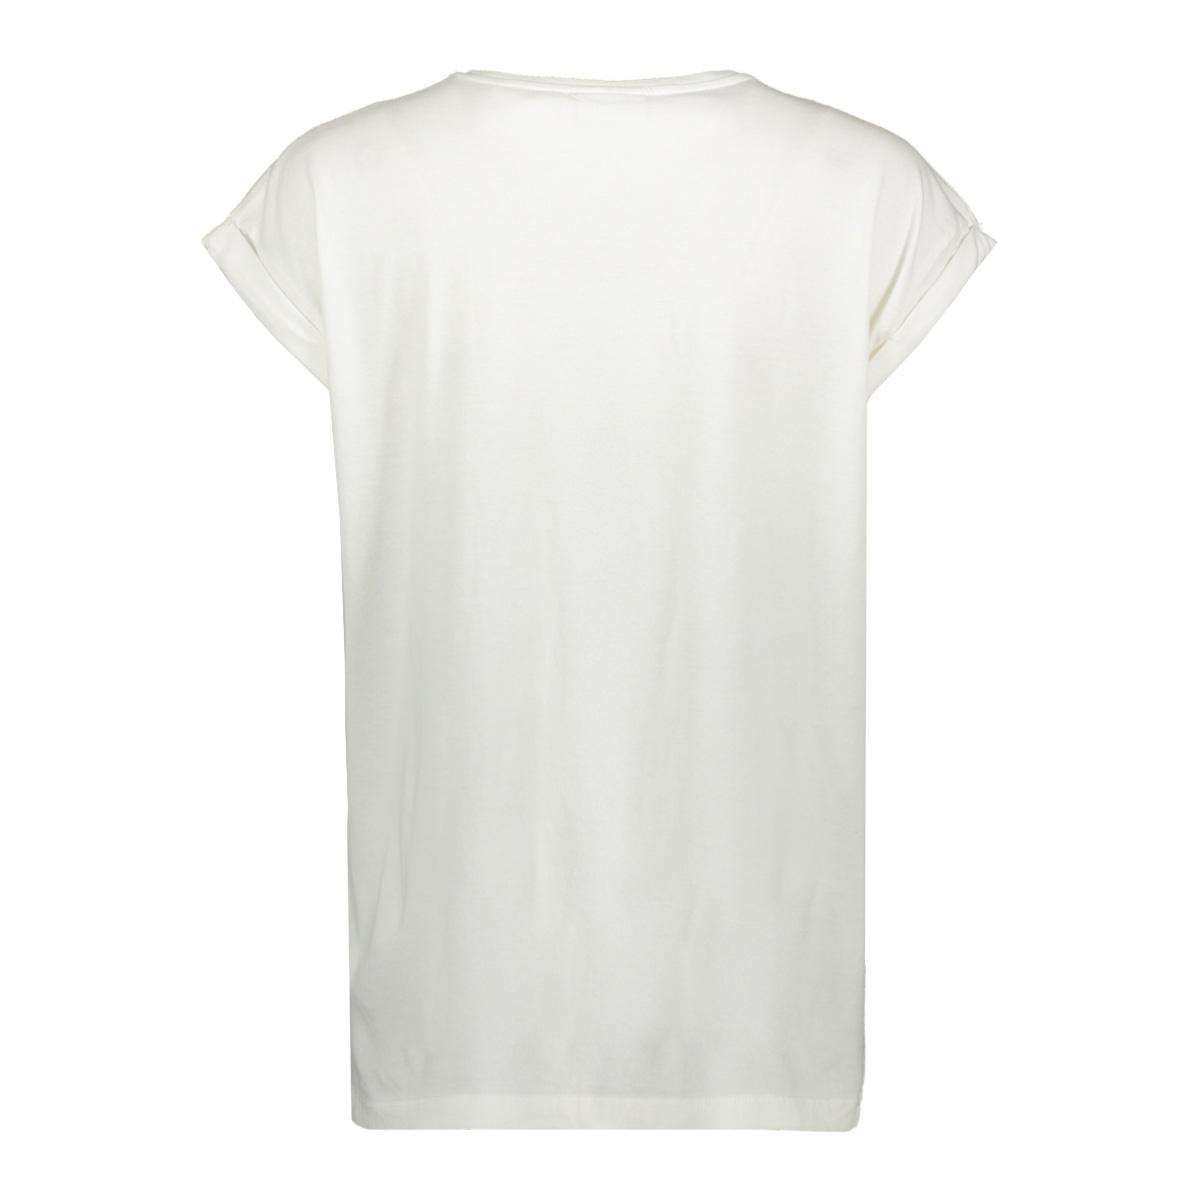 visanas glitter s/s t-shirt 14057526 vila t-shirt cloud dancer